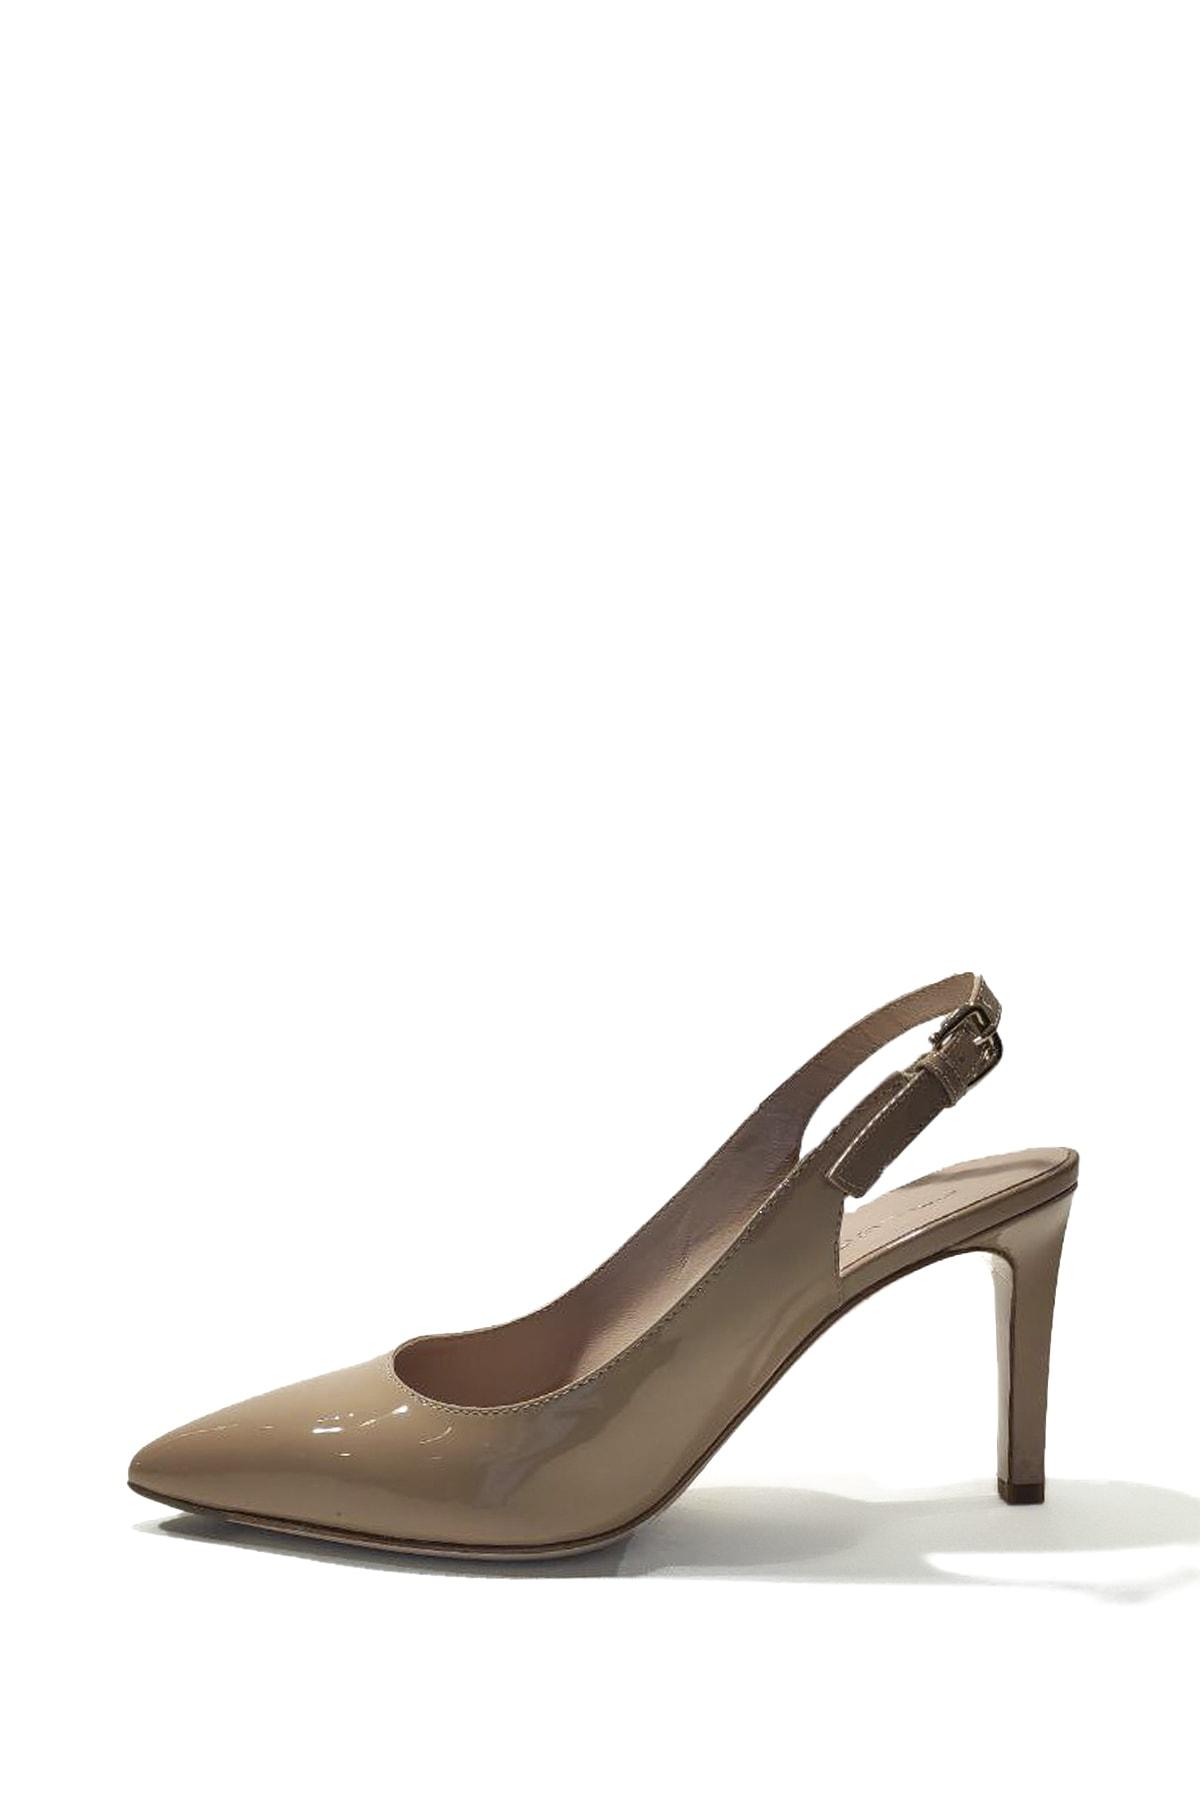 Nursace Kadın Rugan Deri Bilekten Bağlamalı İnce Topuk Ayakkabı 2